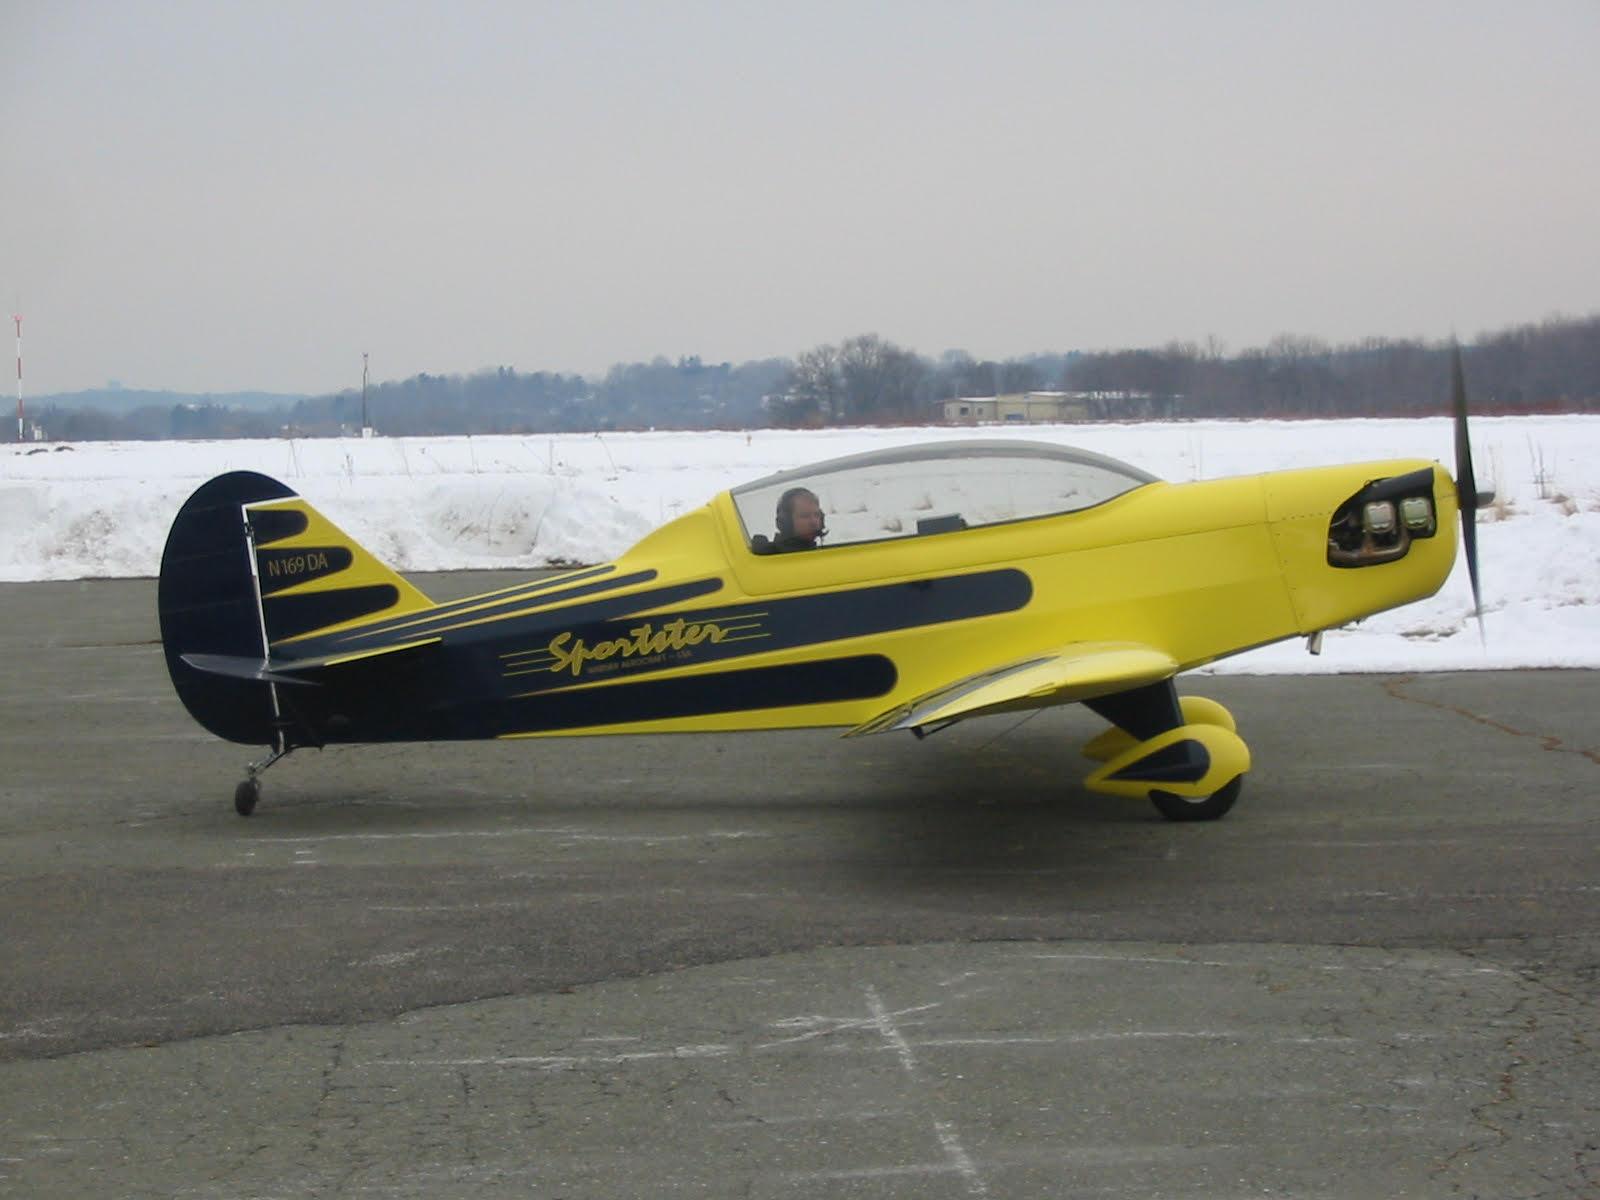 Warner Aerocraft Sportster